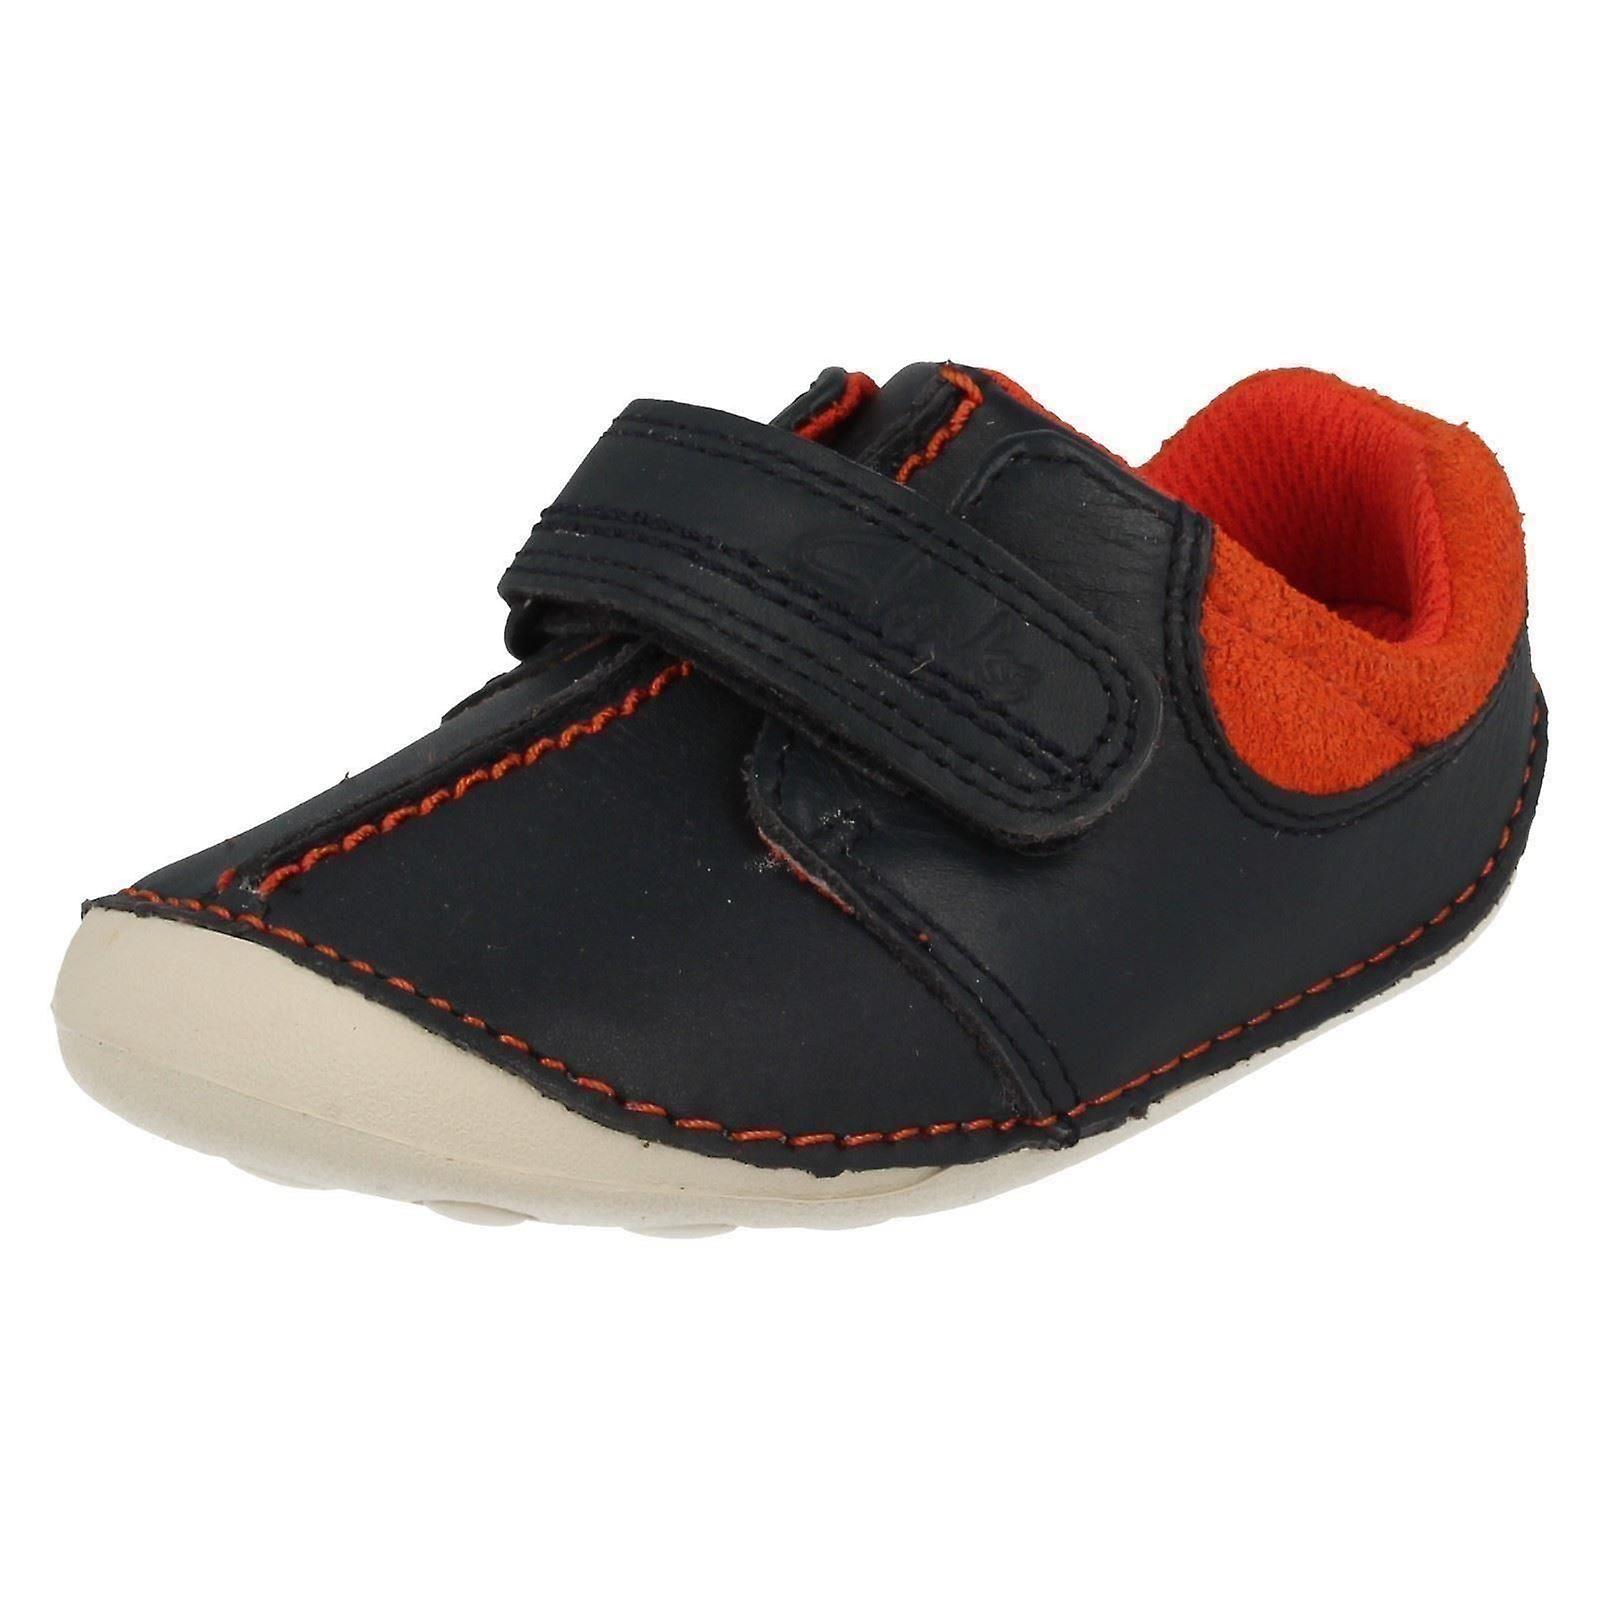 Boys Clarks First Shoes/Cruisers Tiny Joe Joe Tiny 03d035